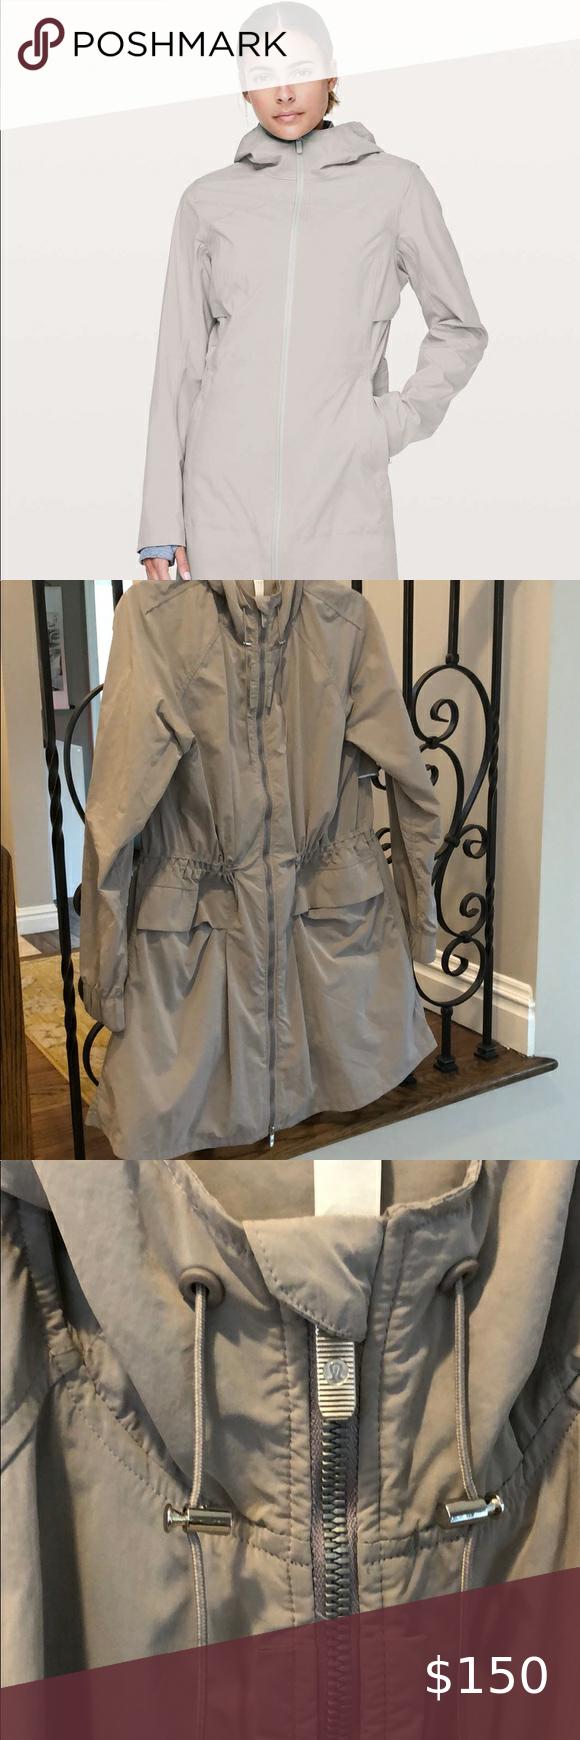 Lululemon Rain Rules jacket, size 6 in 2020 Jackets